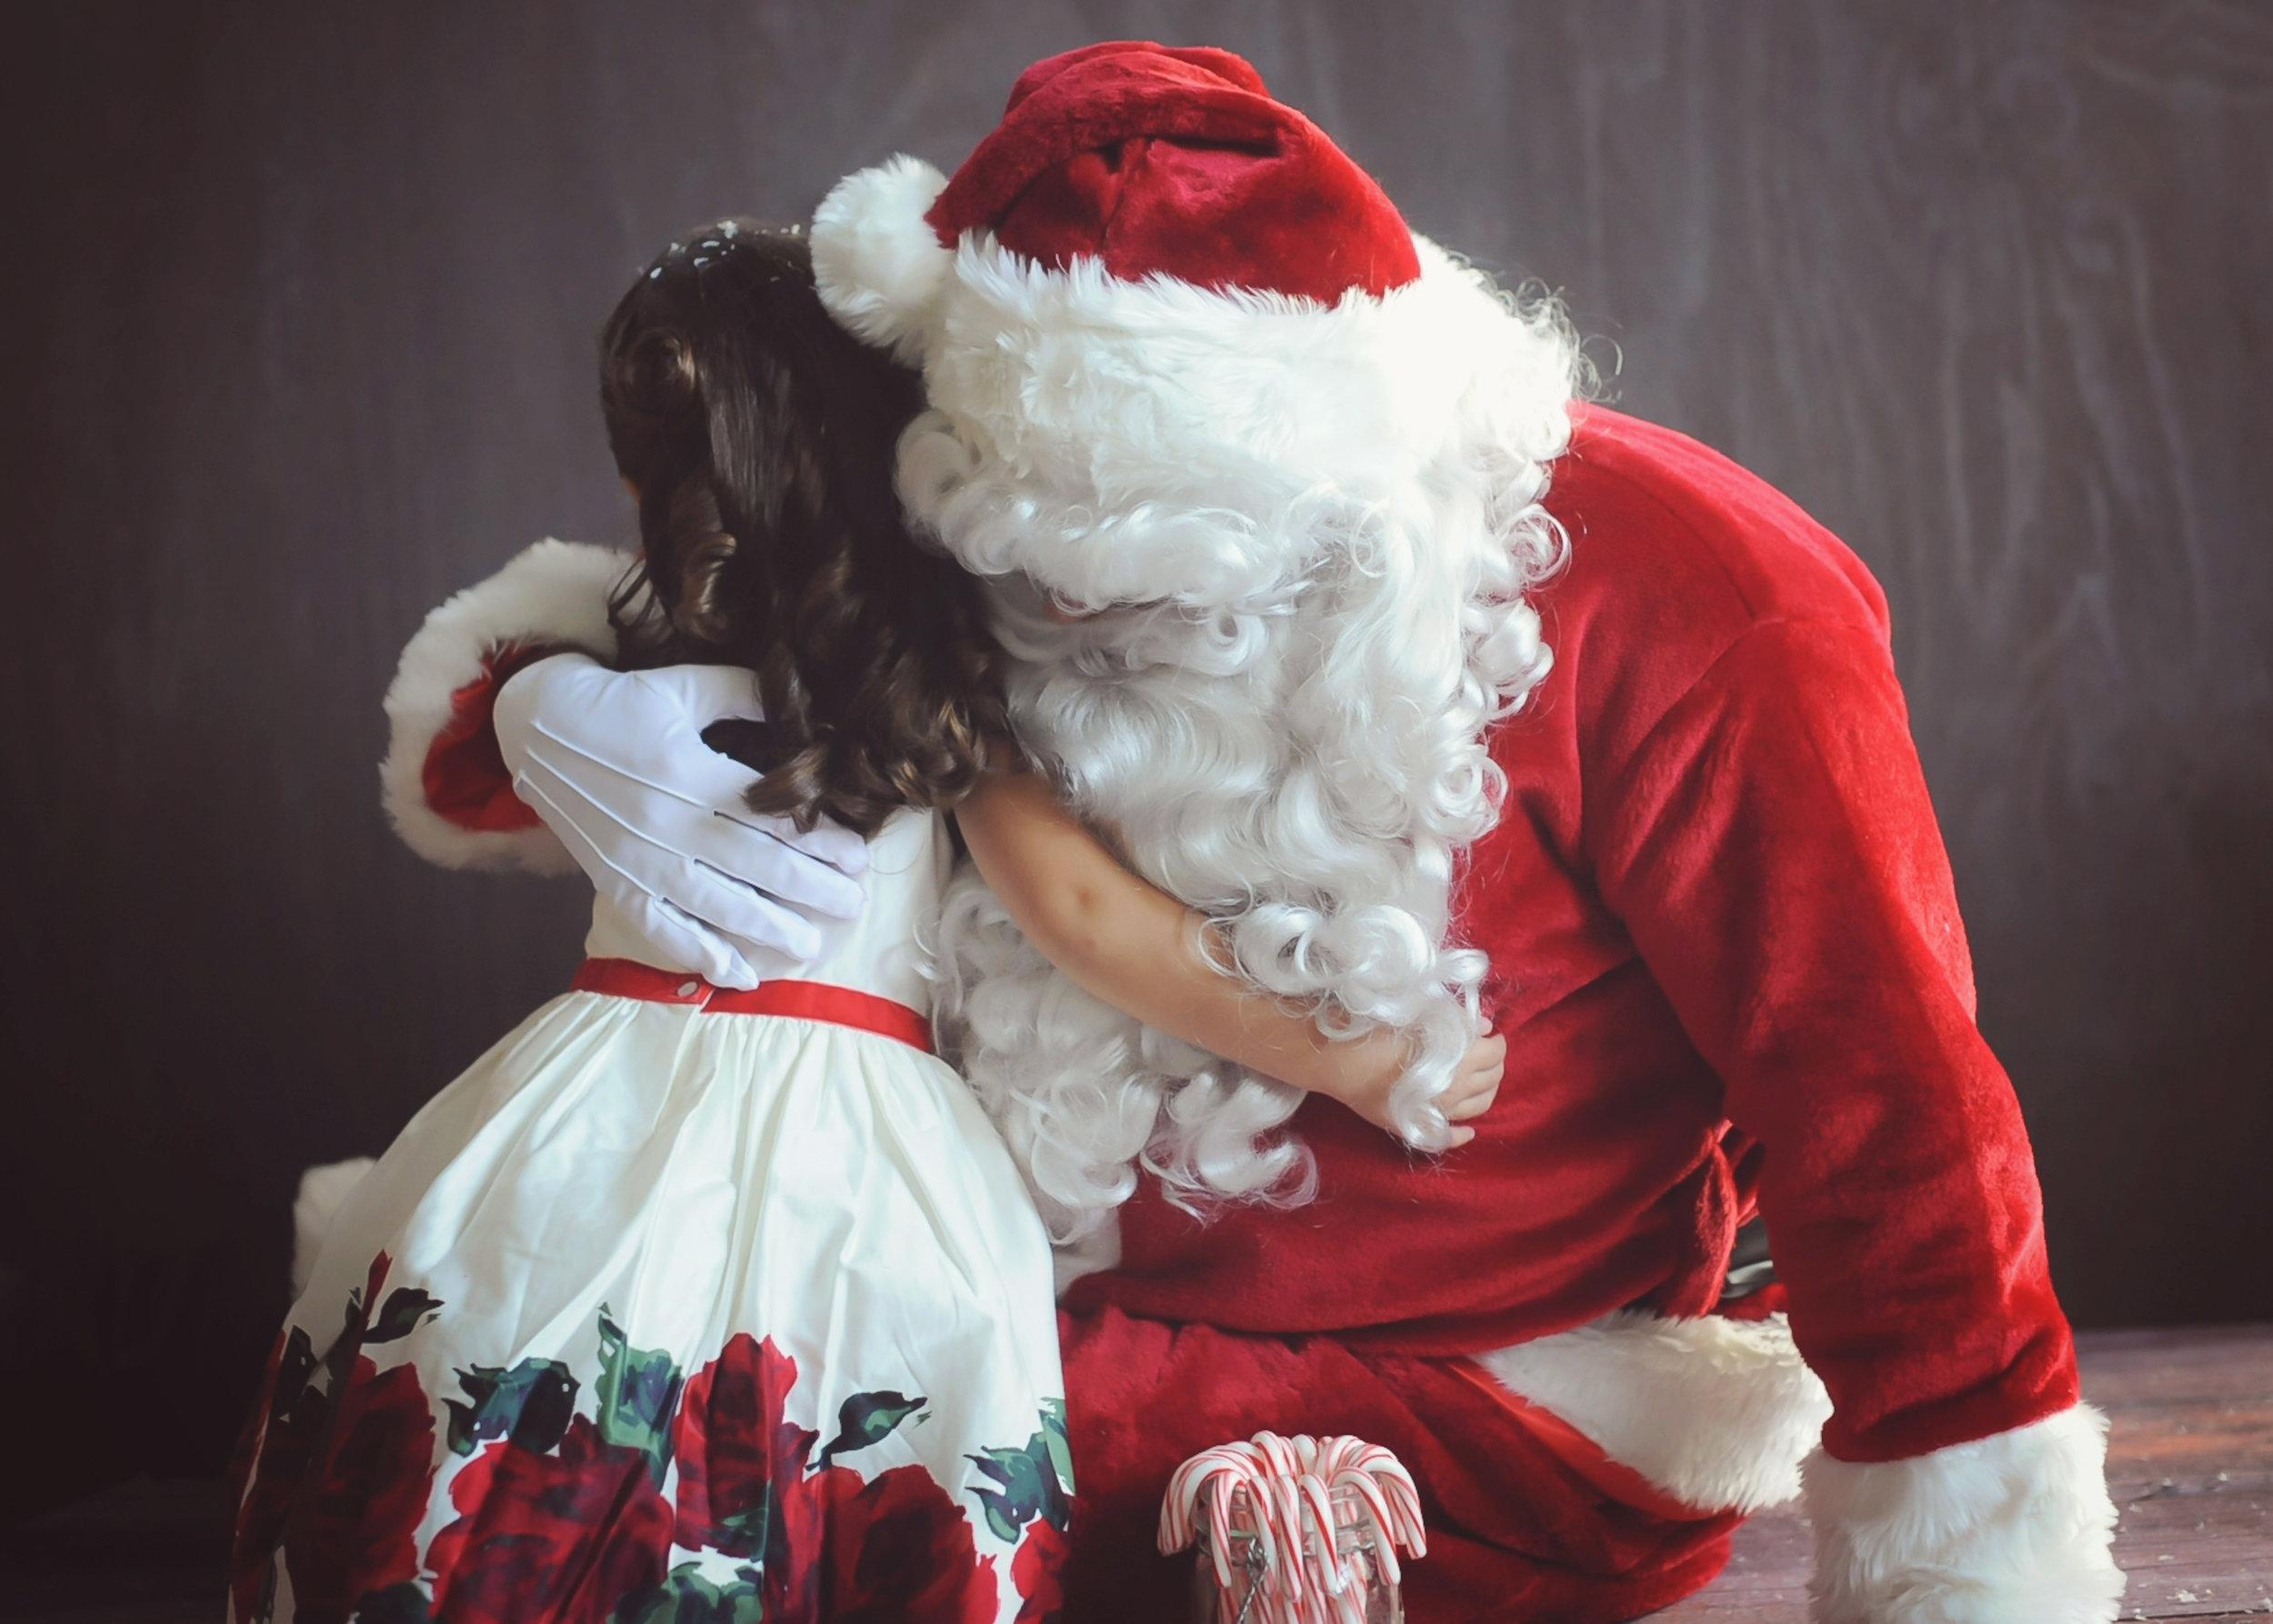 L hug Santa WEB.jpg